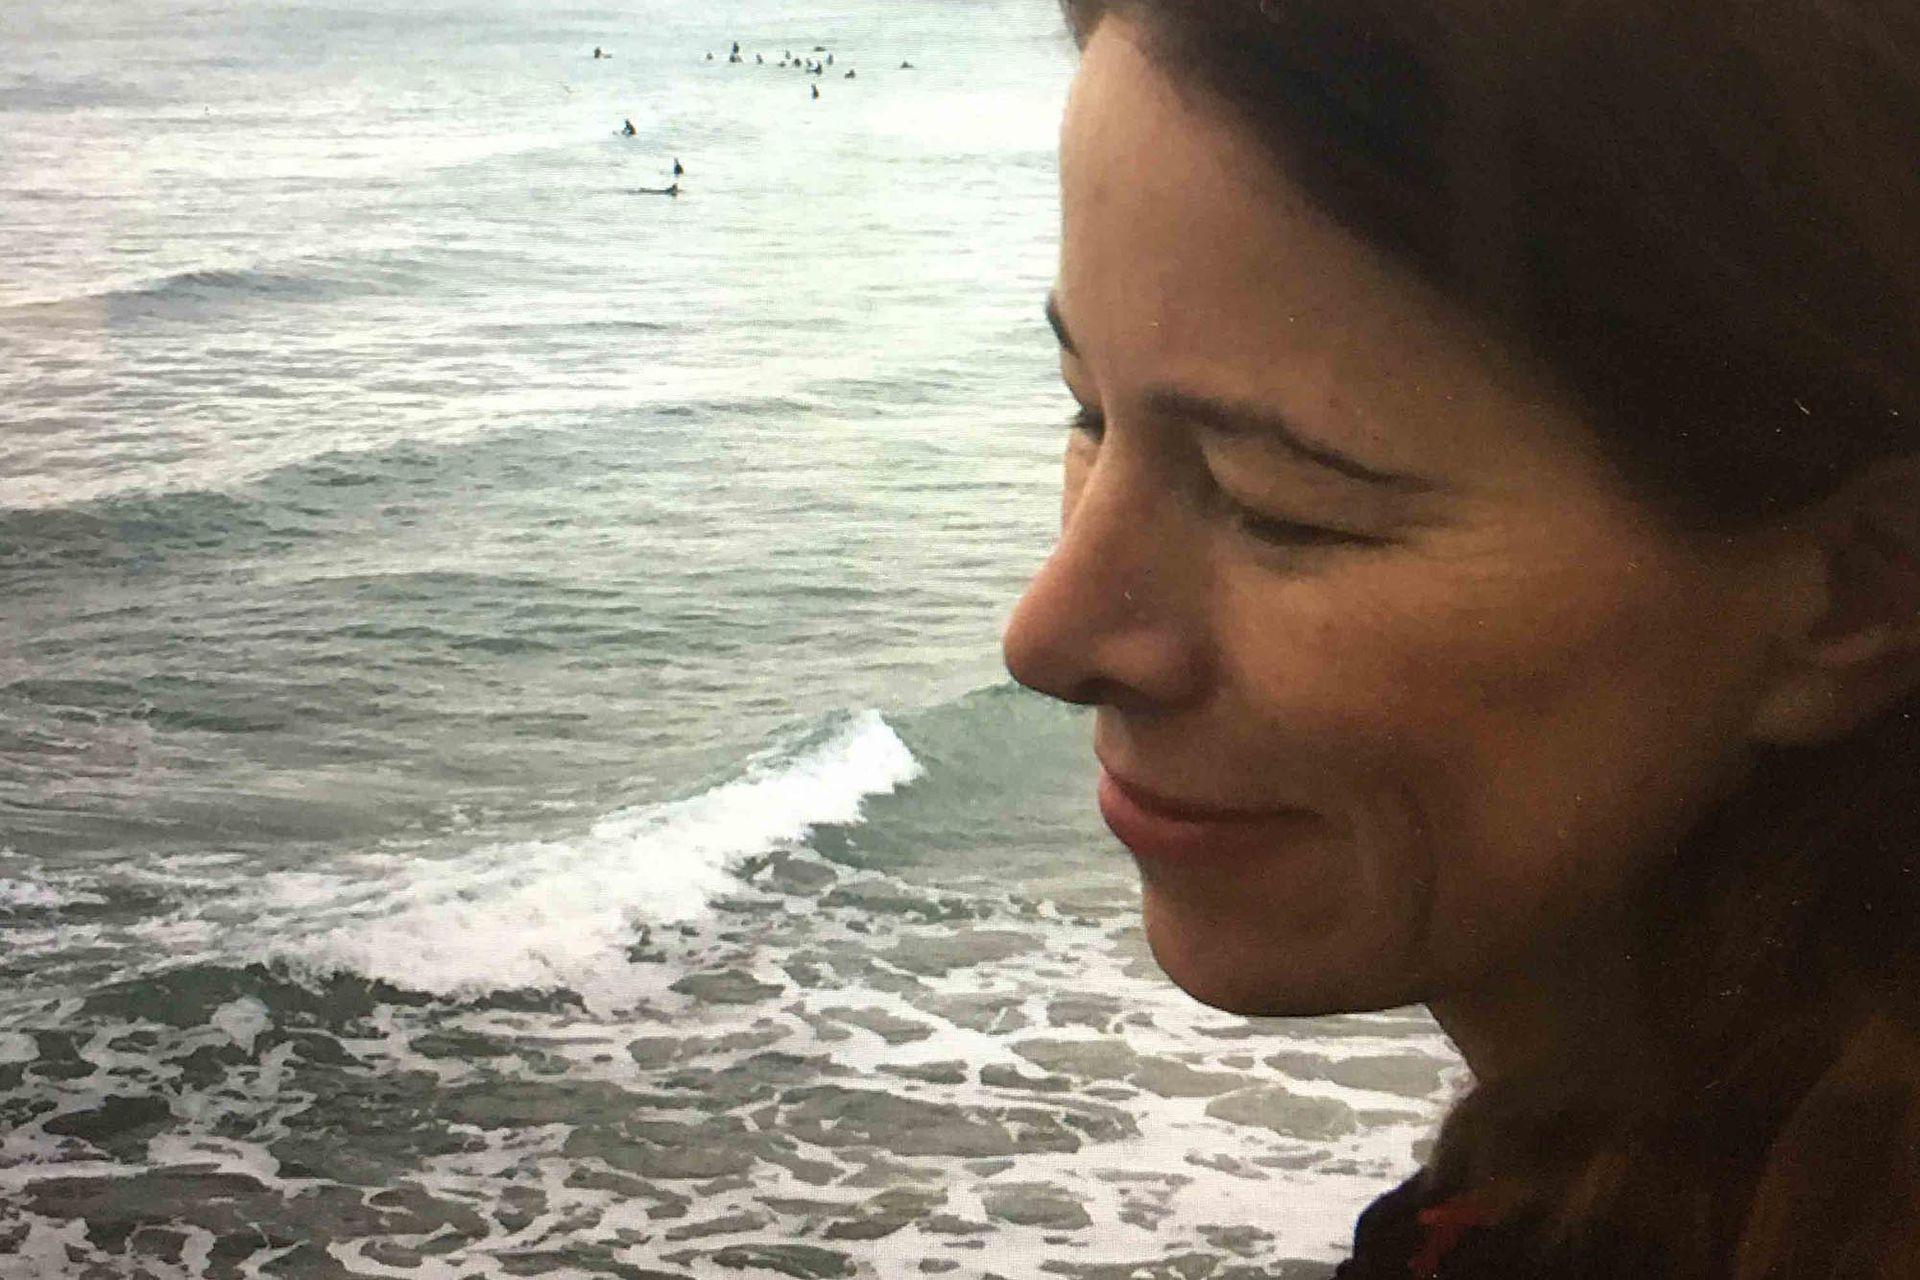 Anne se doctoró en Filosofía en la Universidad de la Sorbonne, practicó el psicoanálisis, también fue editora para Calmann-Lévy y publicó columnas en el diario Libération.